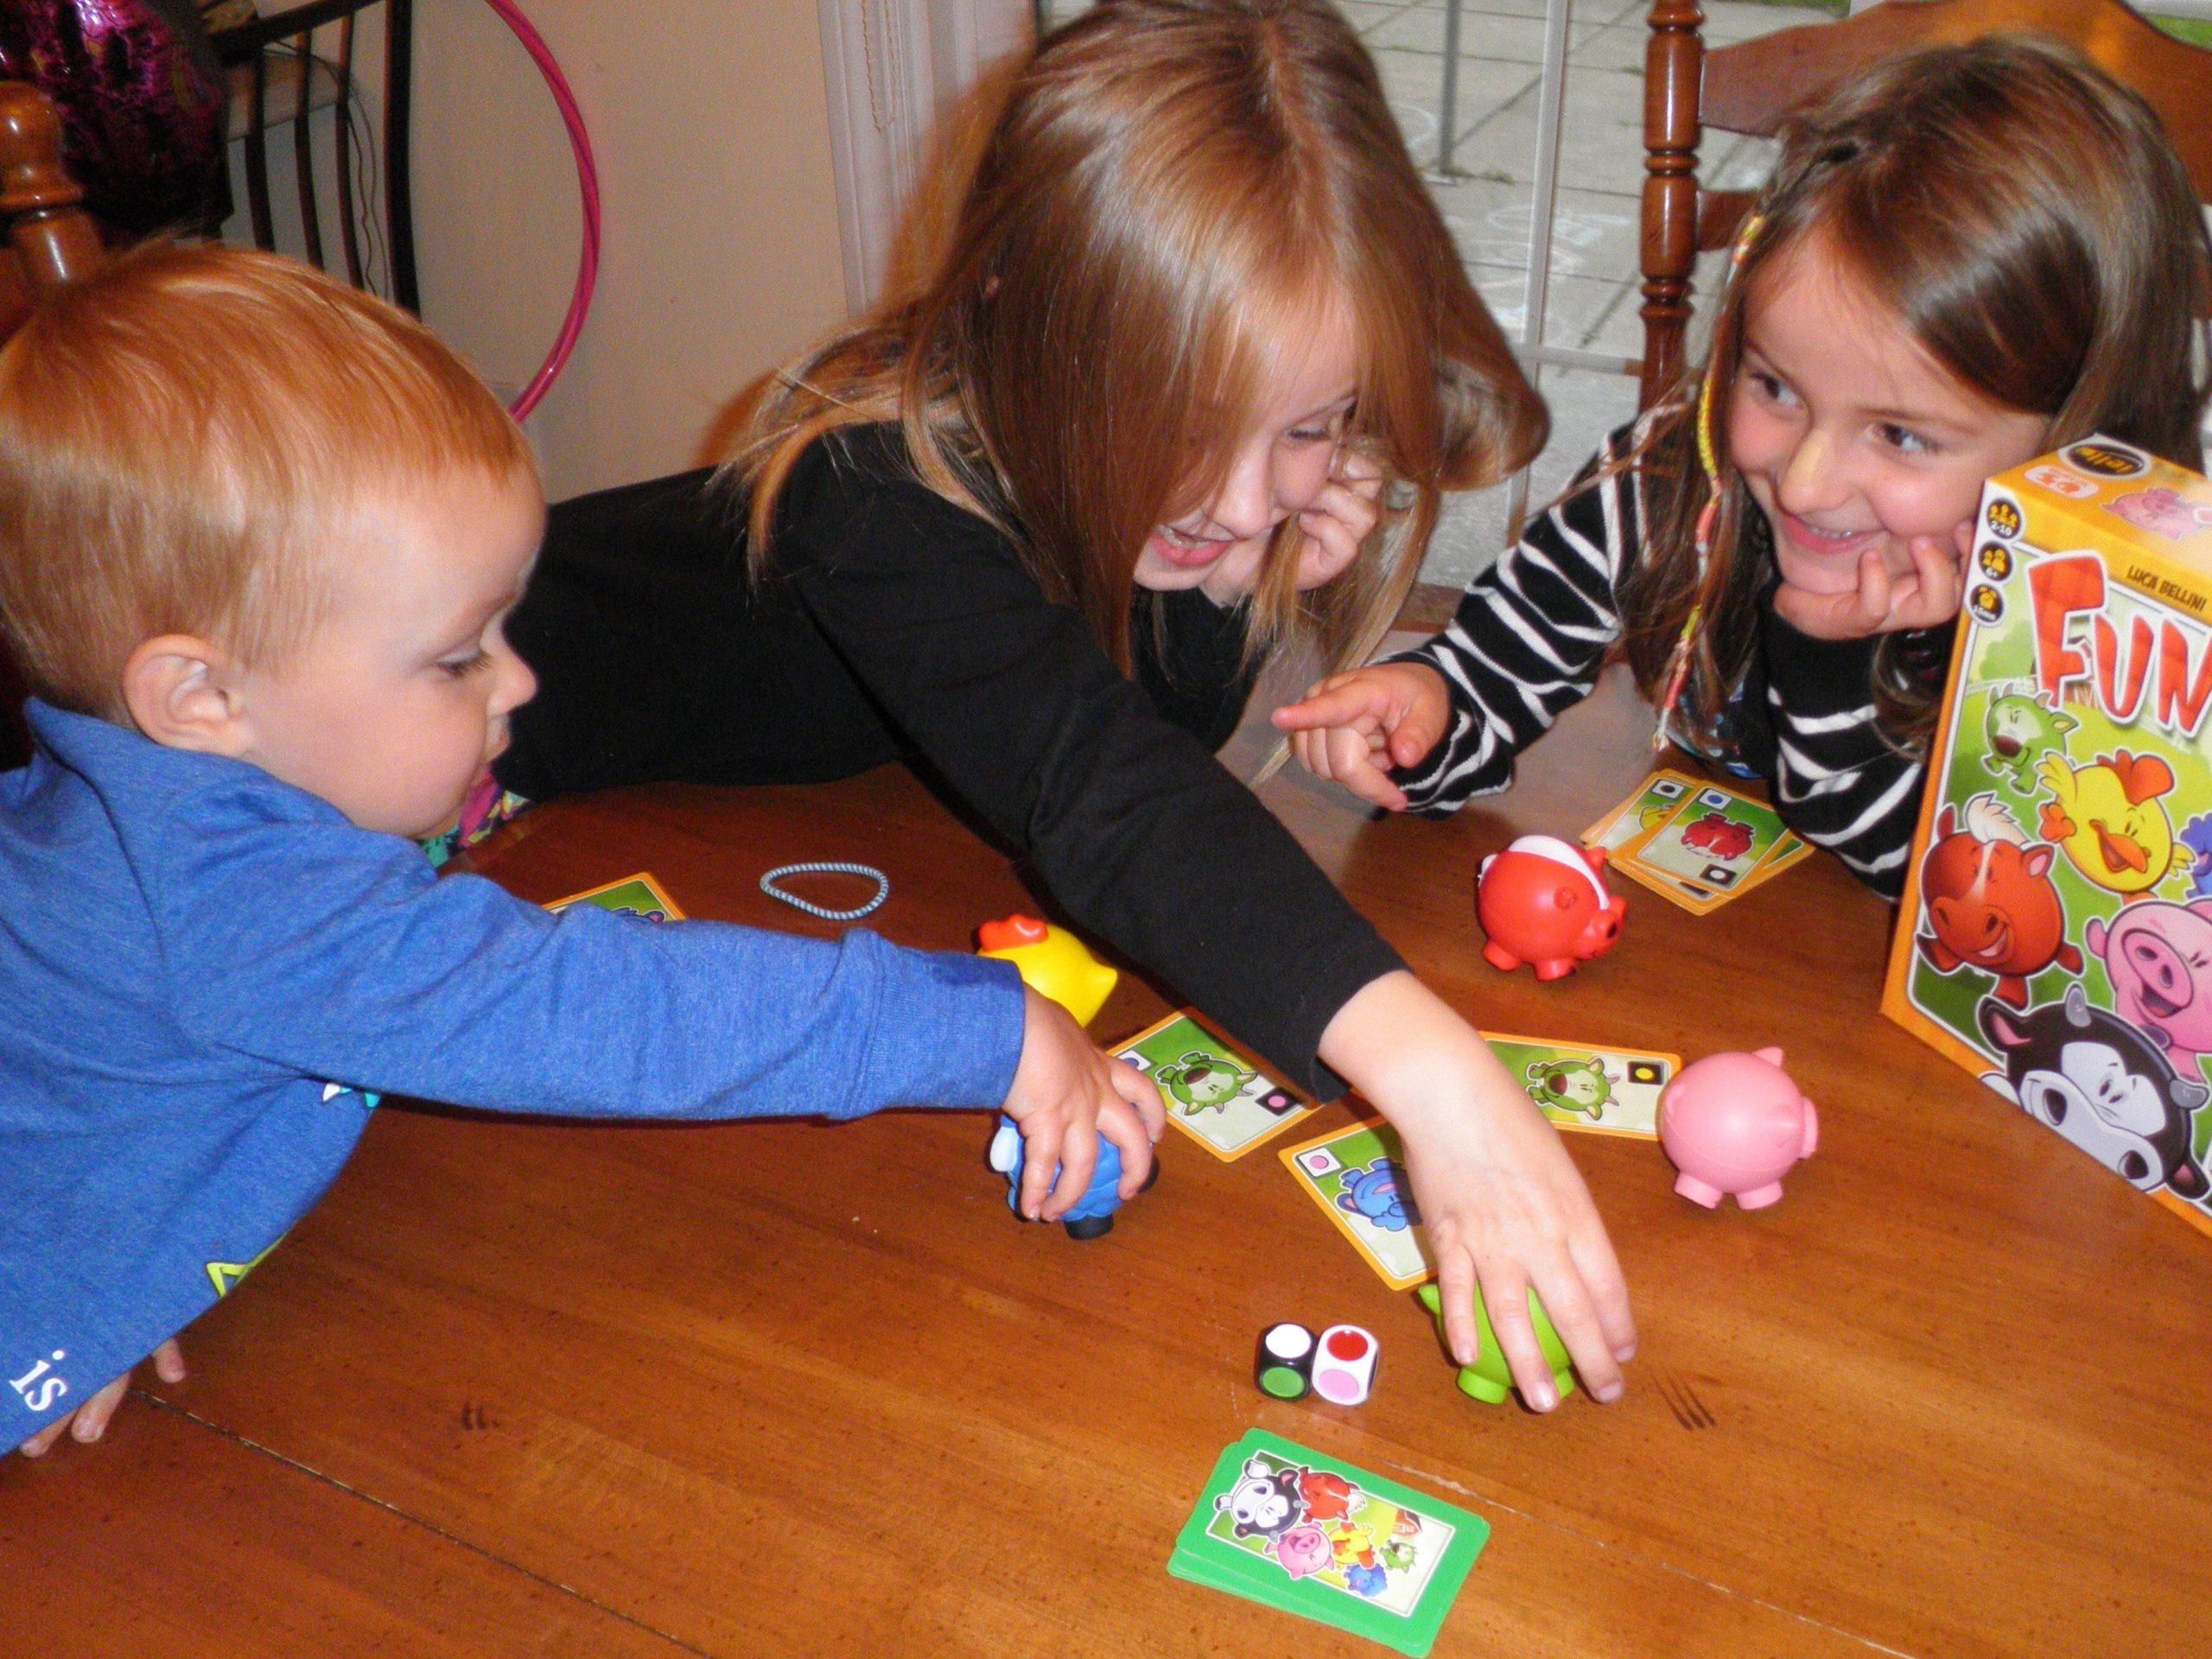 Les Jeux De Société dedans Jeux Gratuits Pour Enfants De 7 Ans